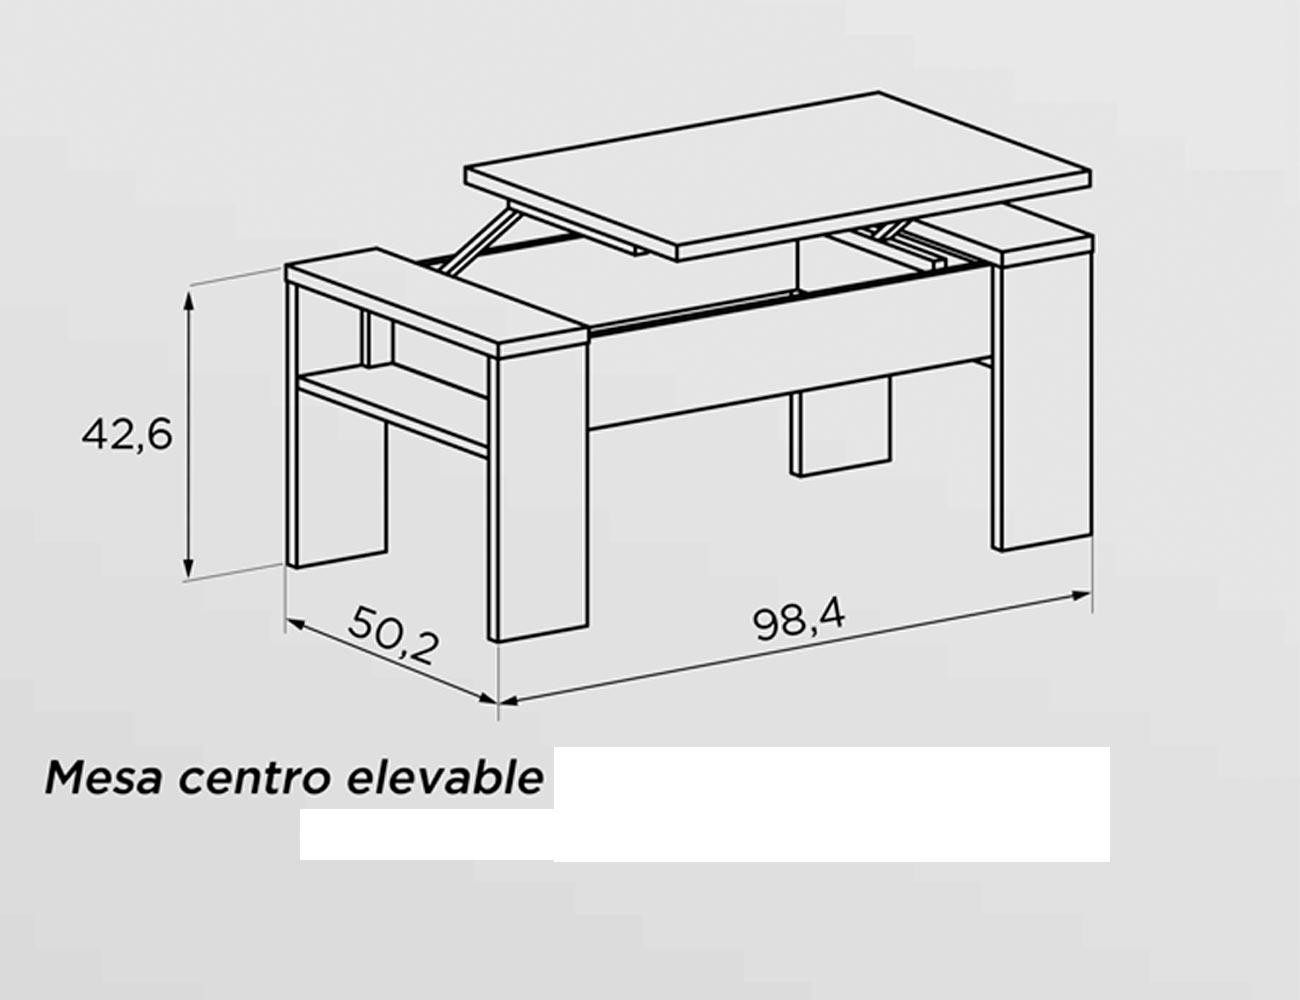 Tecnico mesa centro elevable 98